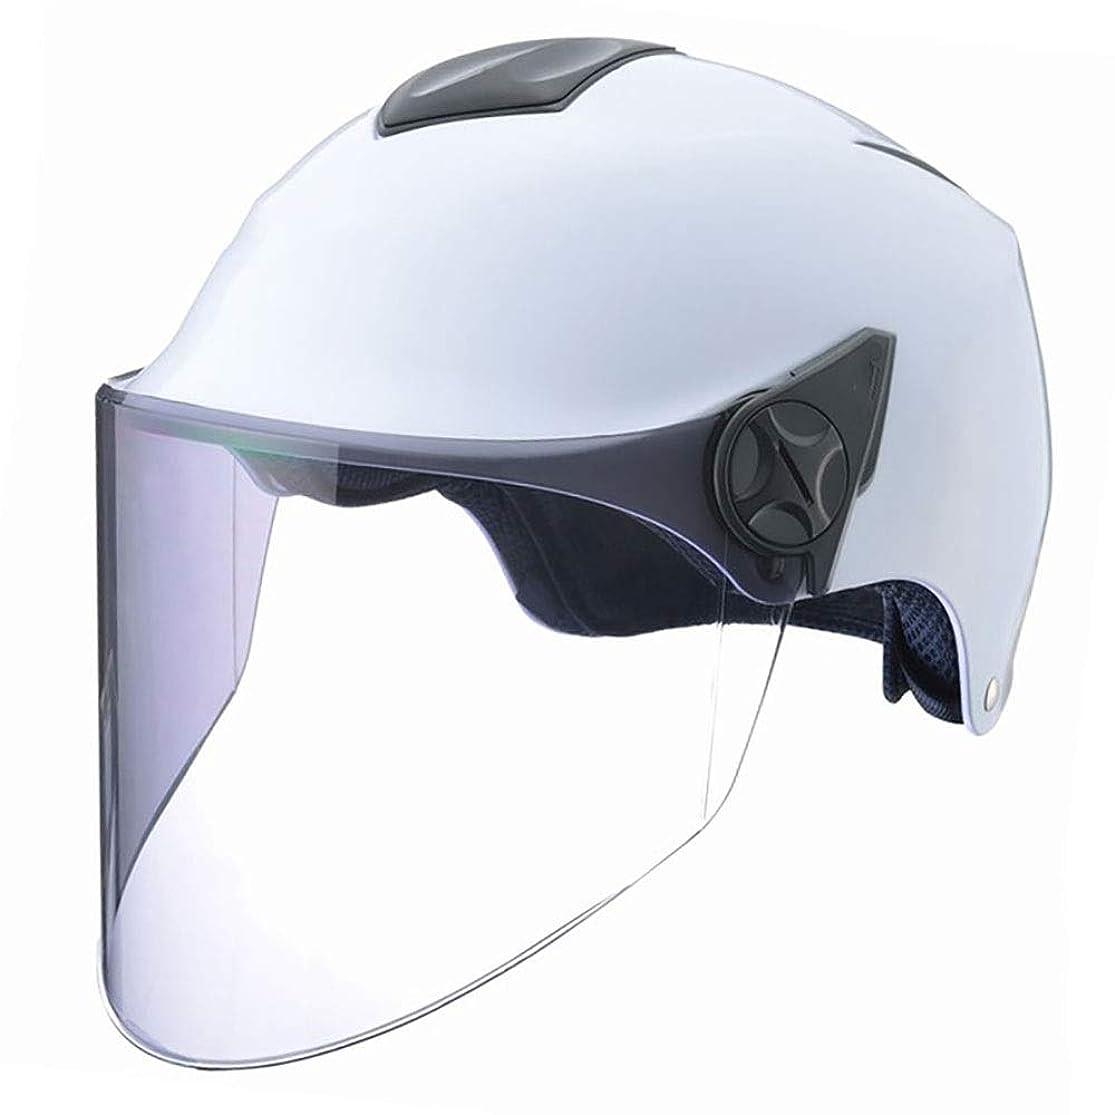 六以内にボールHYH 夏の電気自動車のヘルメット乗馬用ヘルメット大人ロングライトブラウンレンズハーフヘルメット安全ファッションフィットデザイン いい人生 (Size : M)